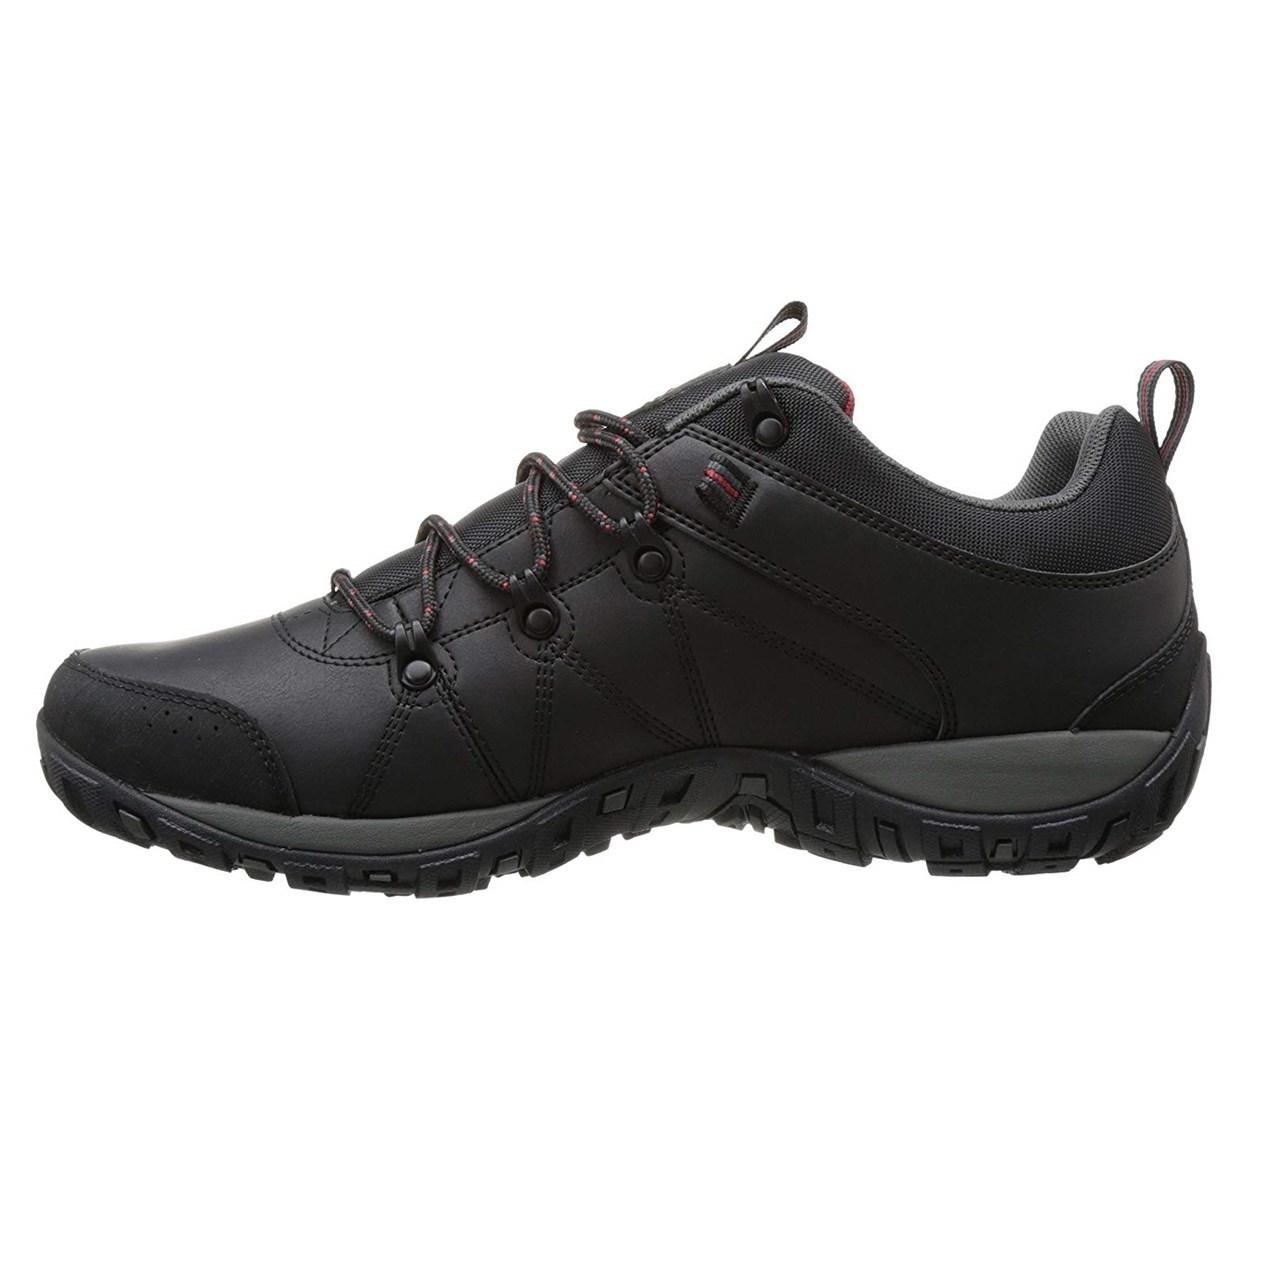 قیمت کفش مخصوص دویدن مردانه کلمبیا مدل BM 3992-010